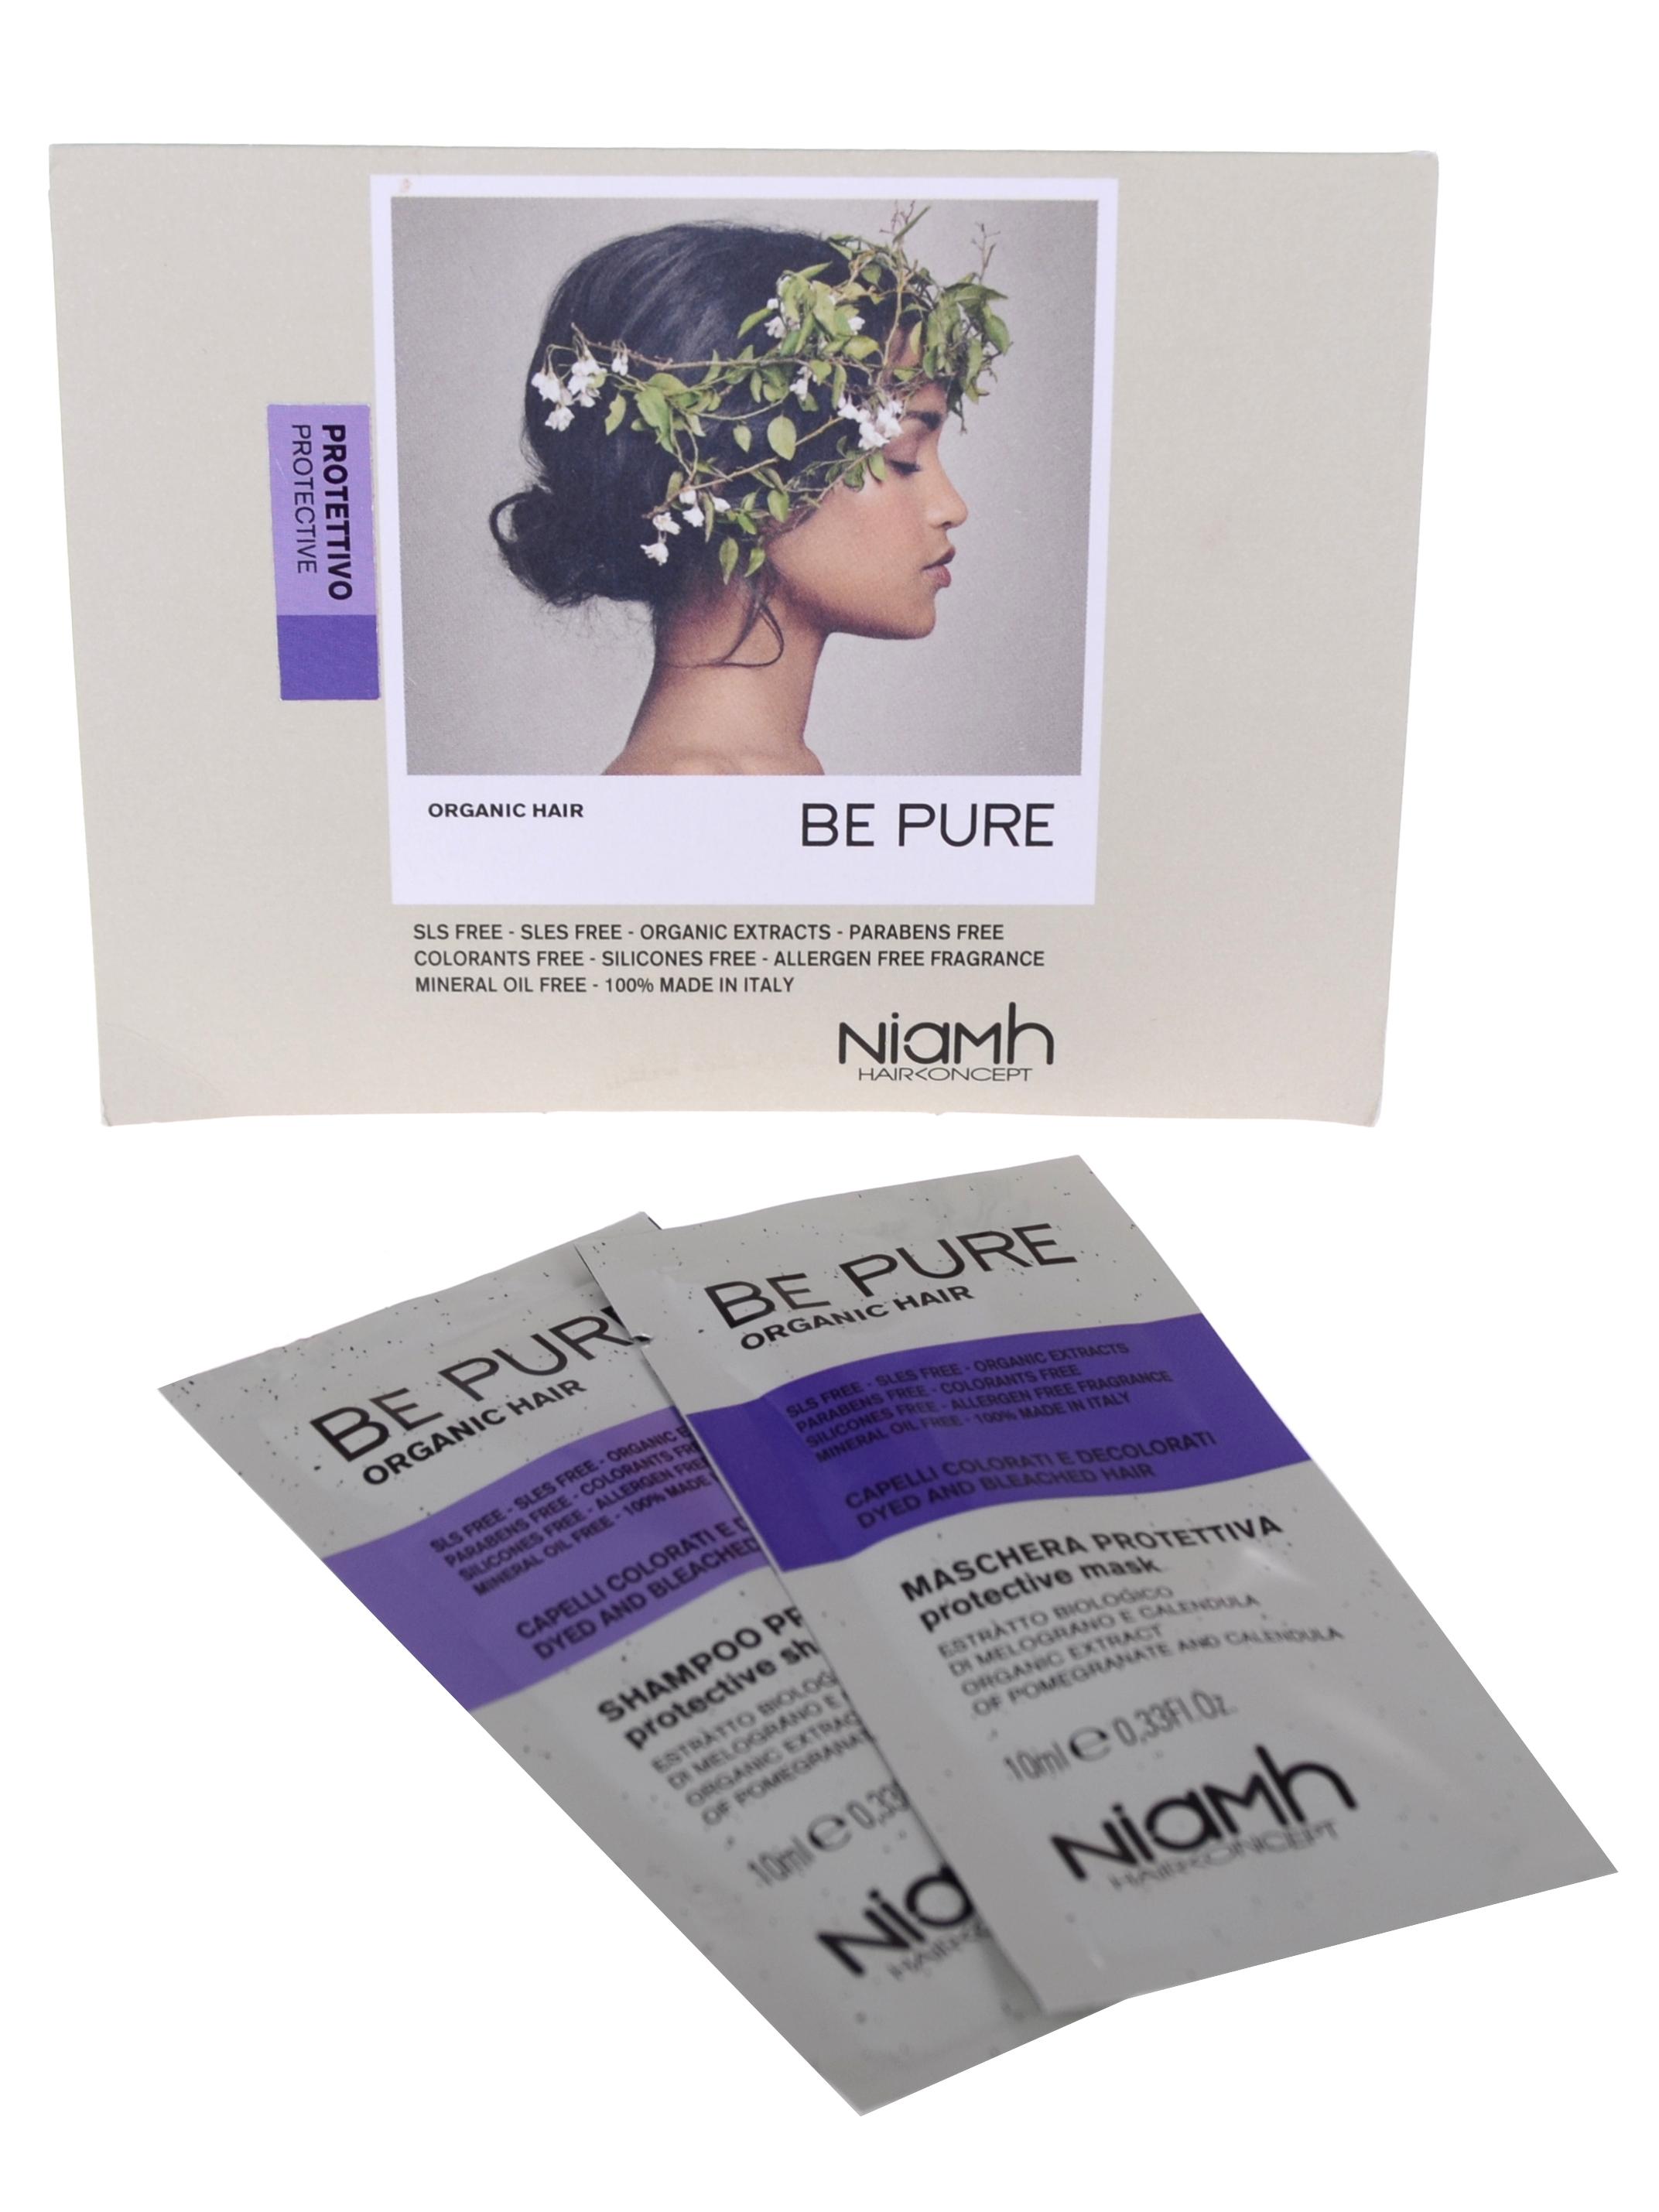 Šampon a maska pro barvené vlasy Niamh Be Pure Protective - 2 x 10 ml (OPUB146)